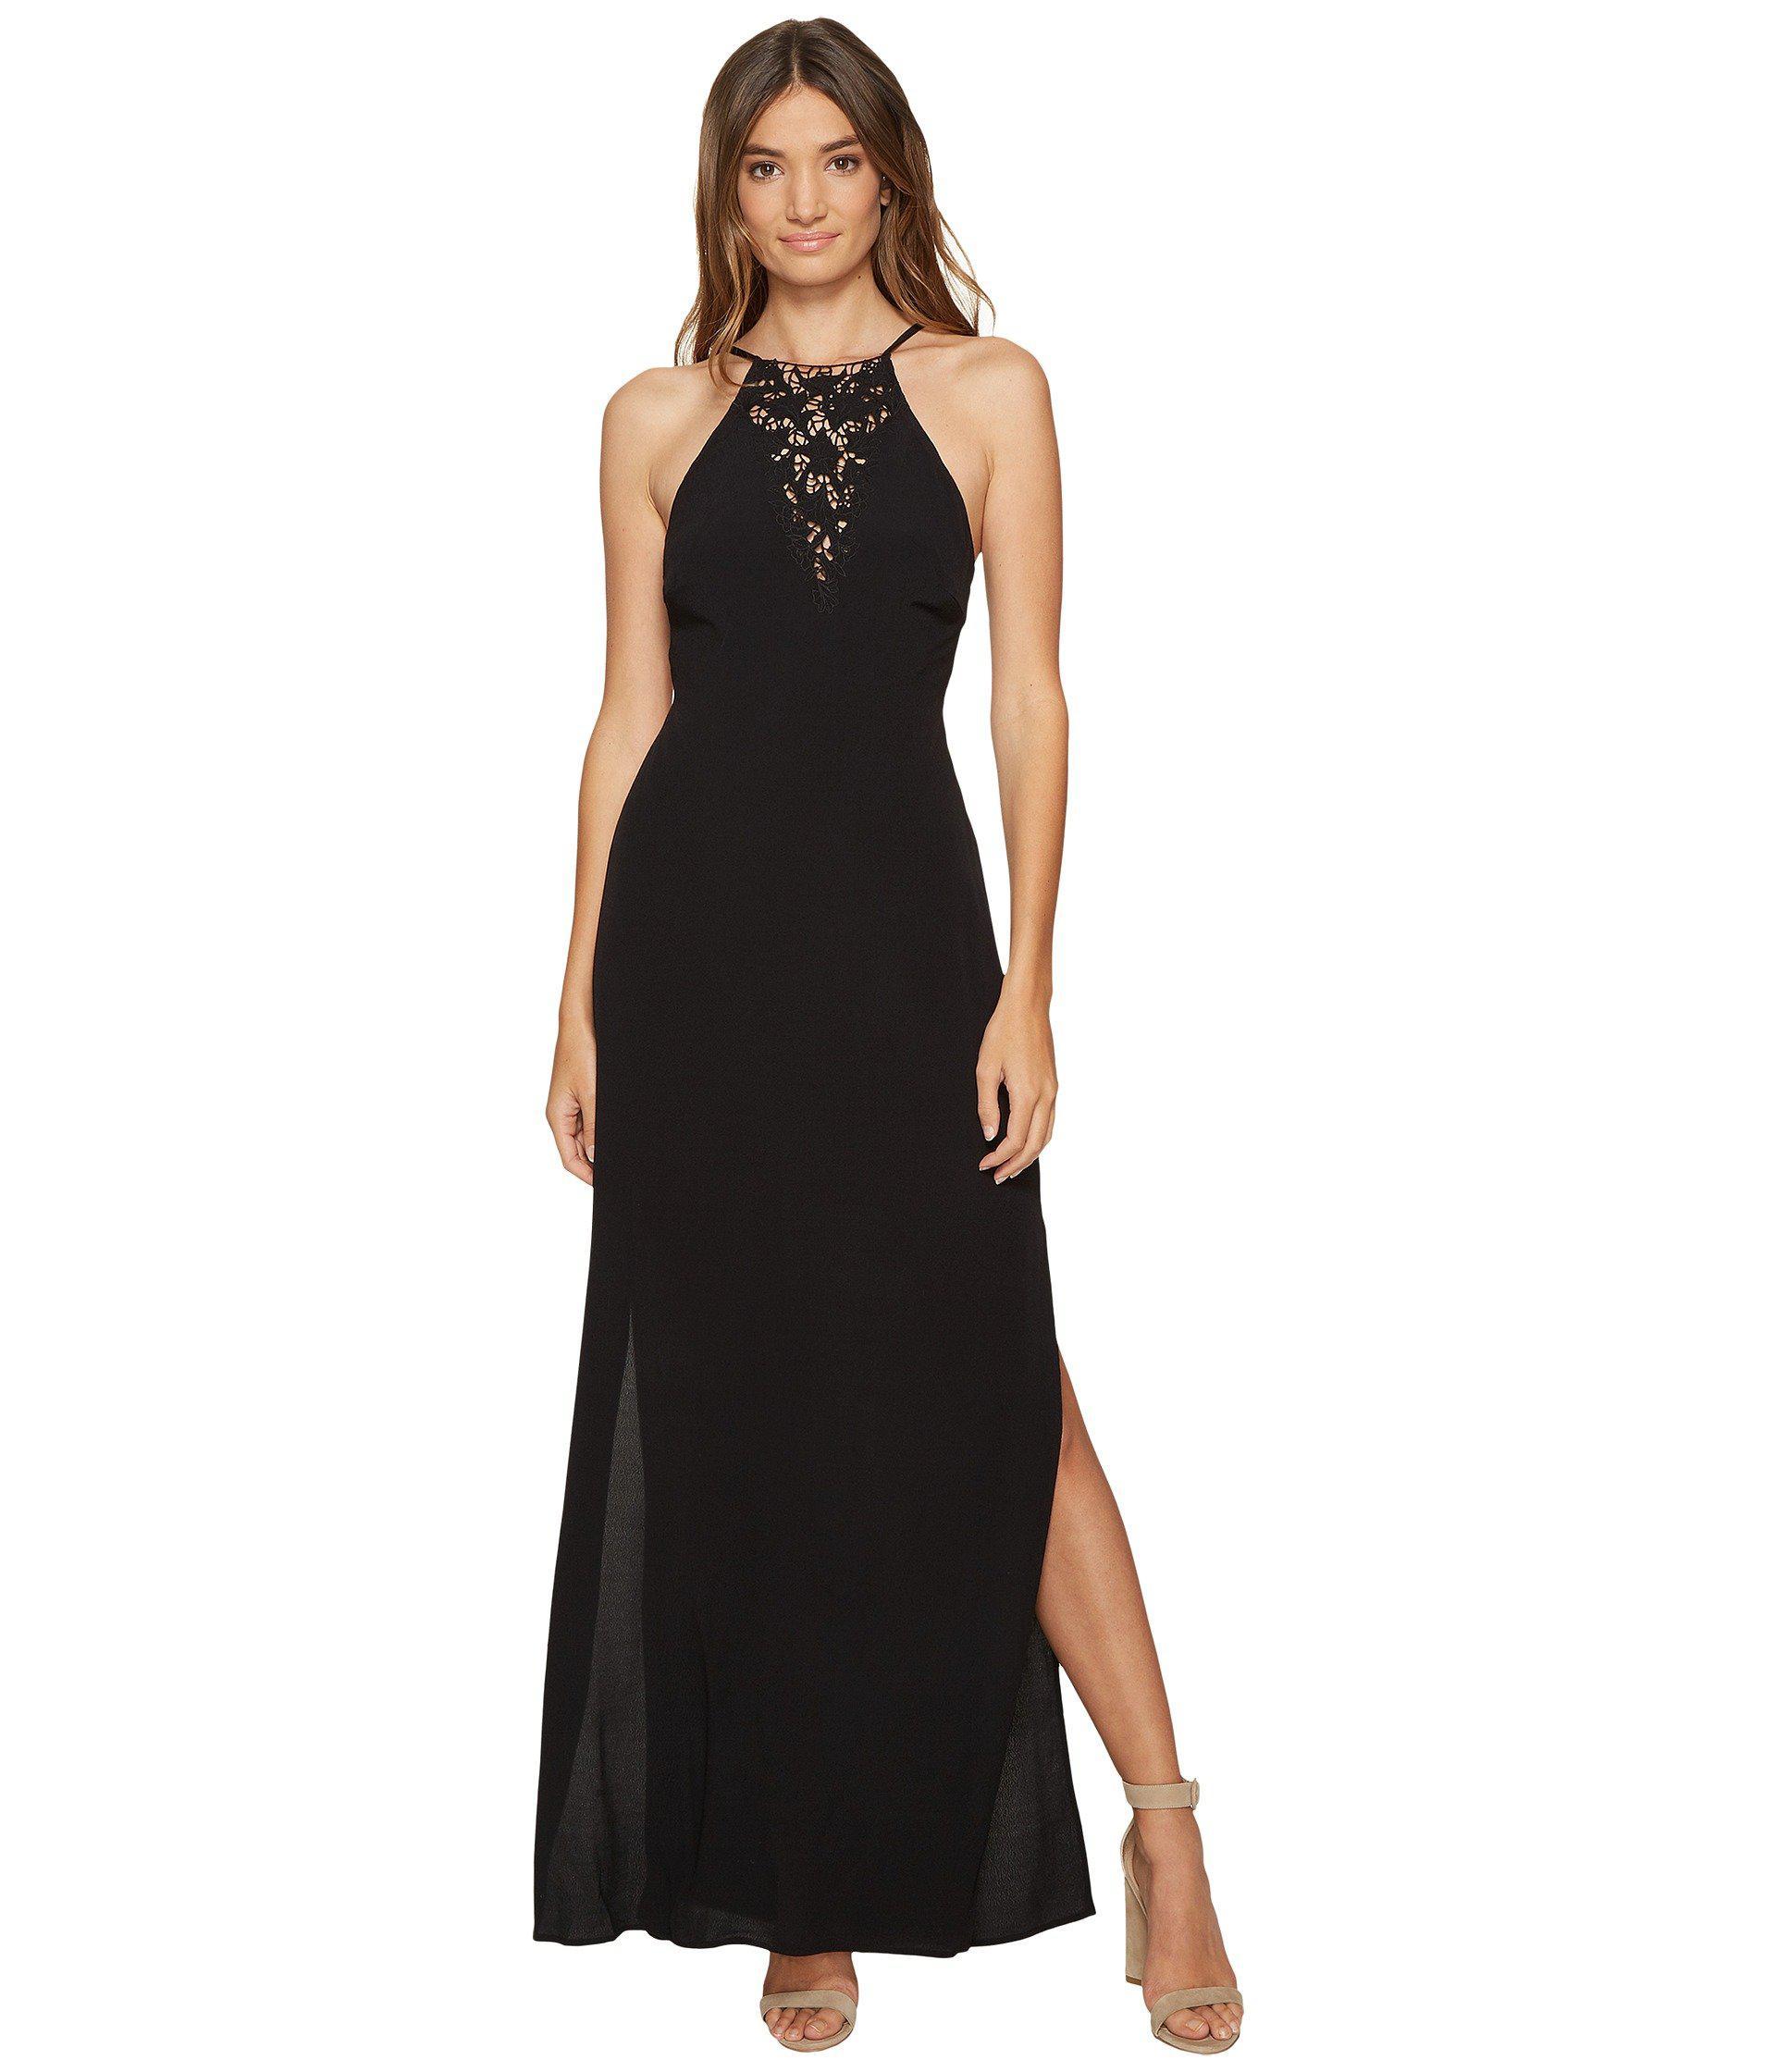 fe5a9e52 Astr - Black Petra Dress - Lyst. View fullscreen